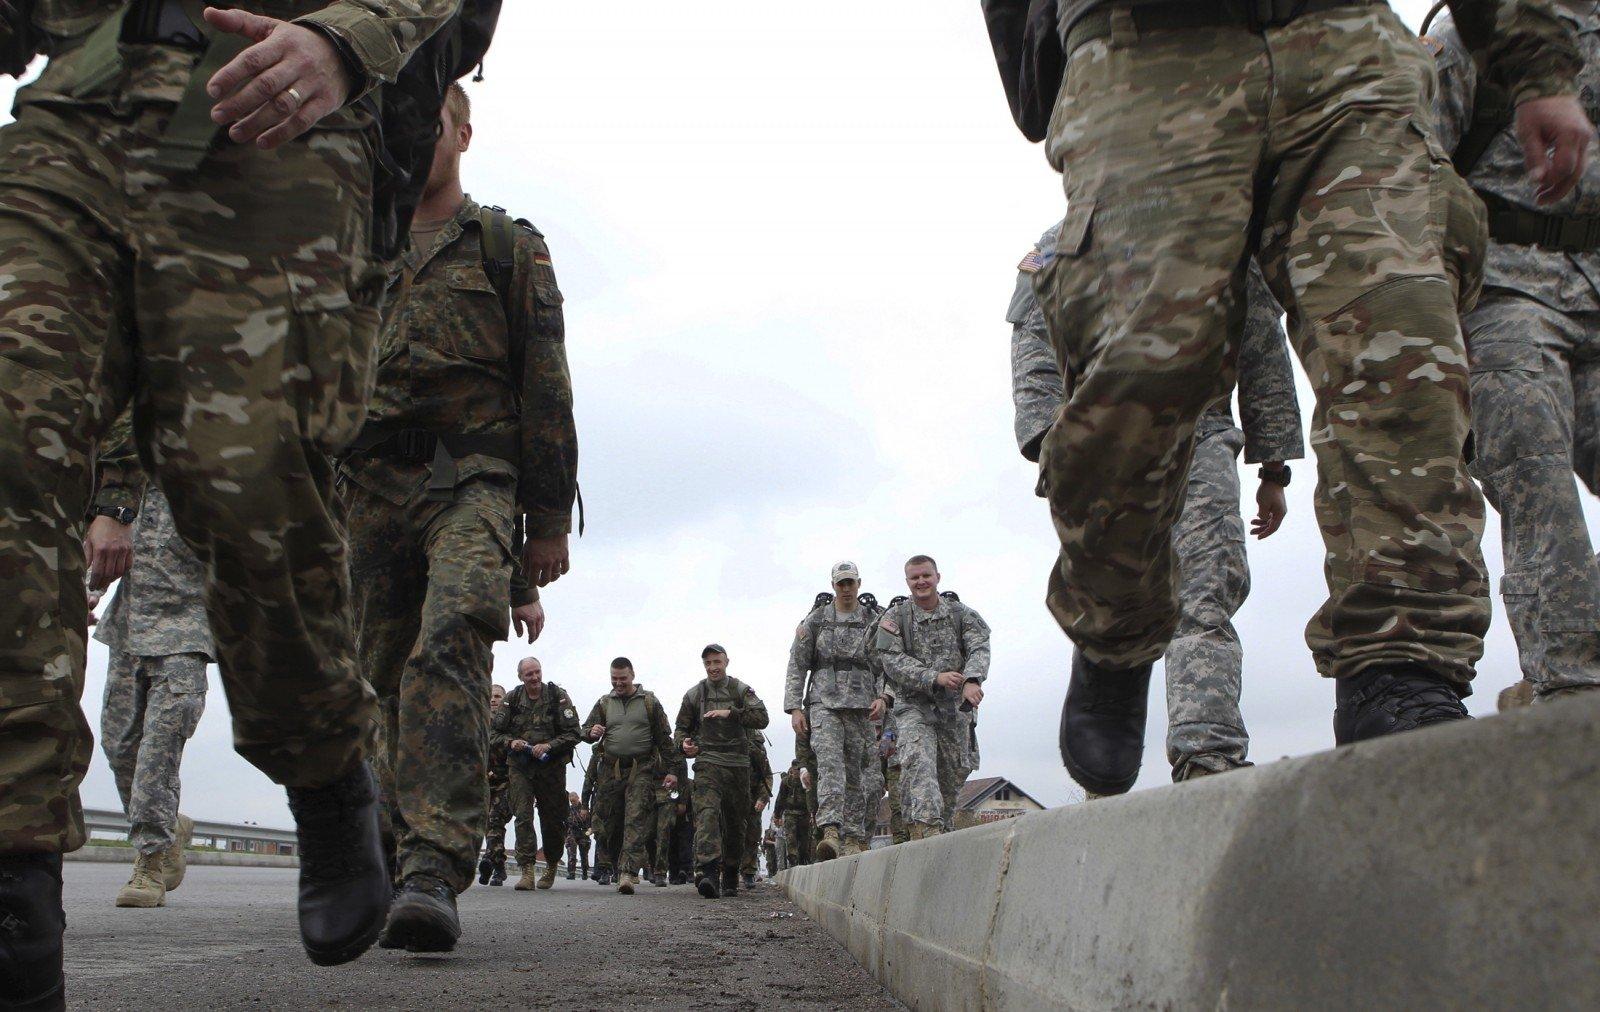 Практически половина граждан Эстонии боится военного конфликта натерритории страны